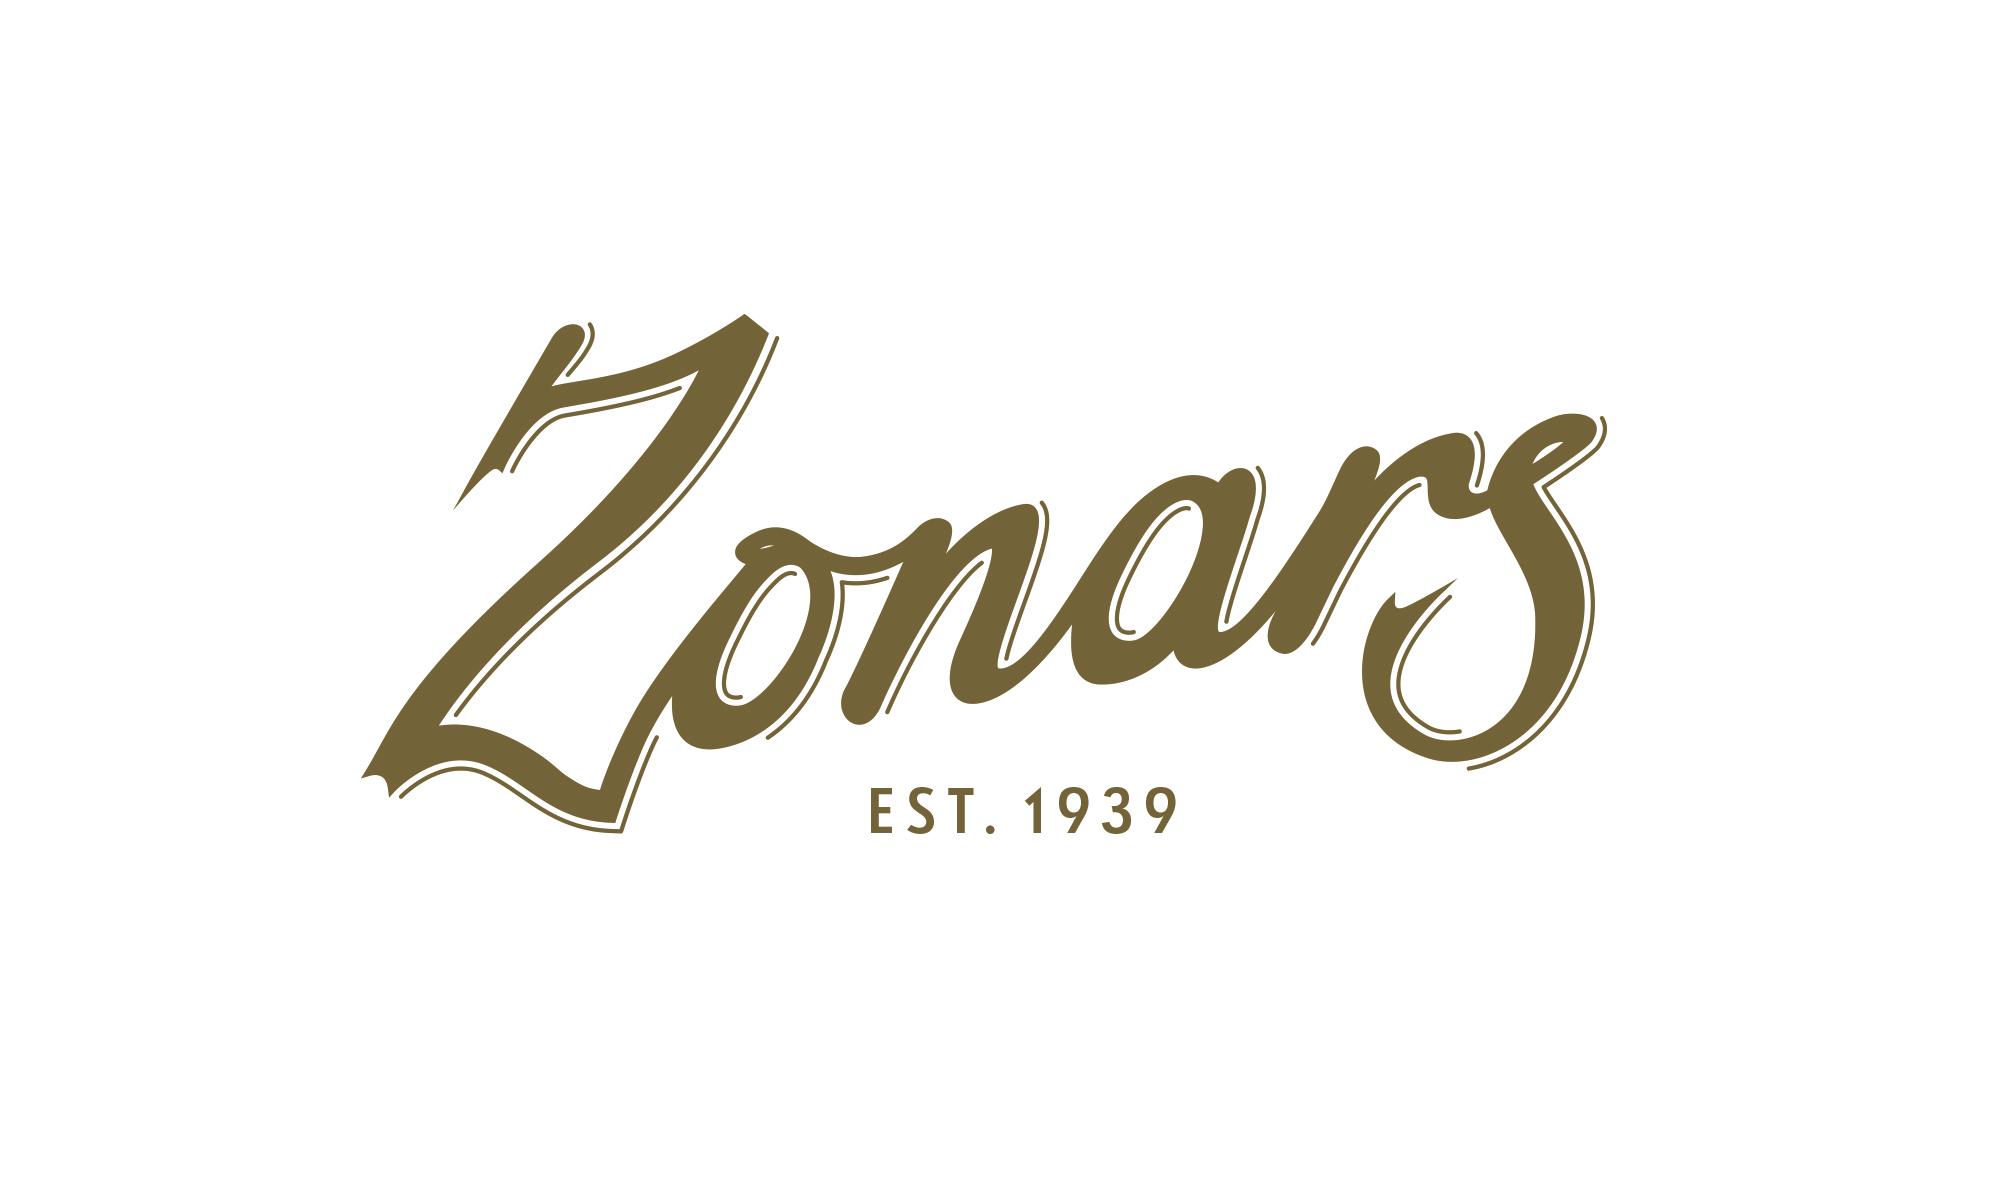 zonars